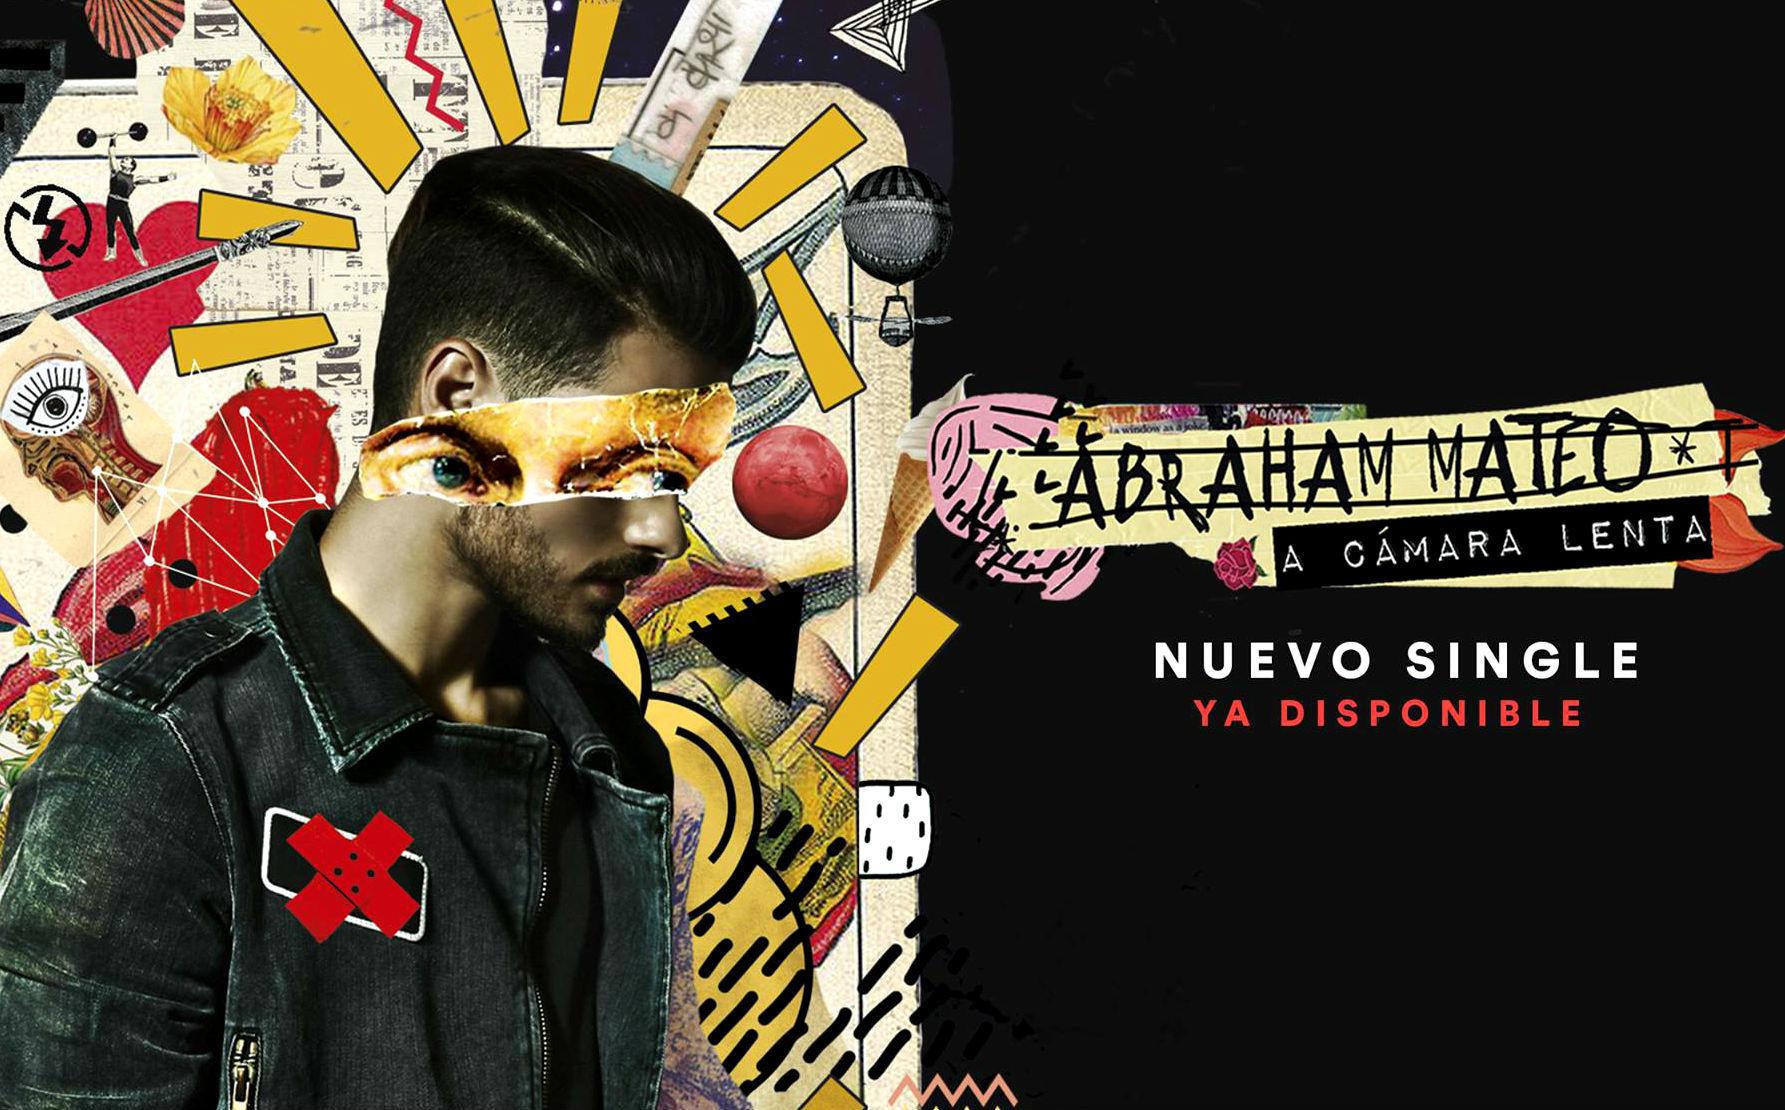 Imagen promocional de A camára lenta, la nueva canción de Abraham...